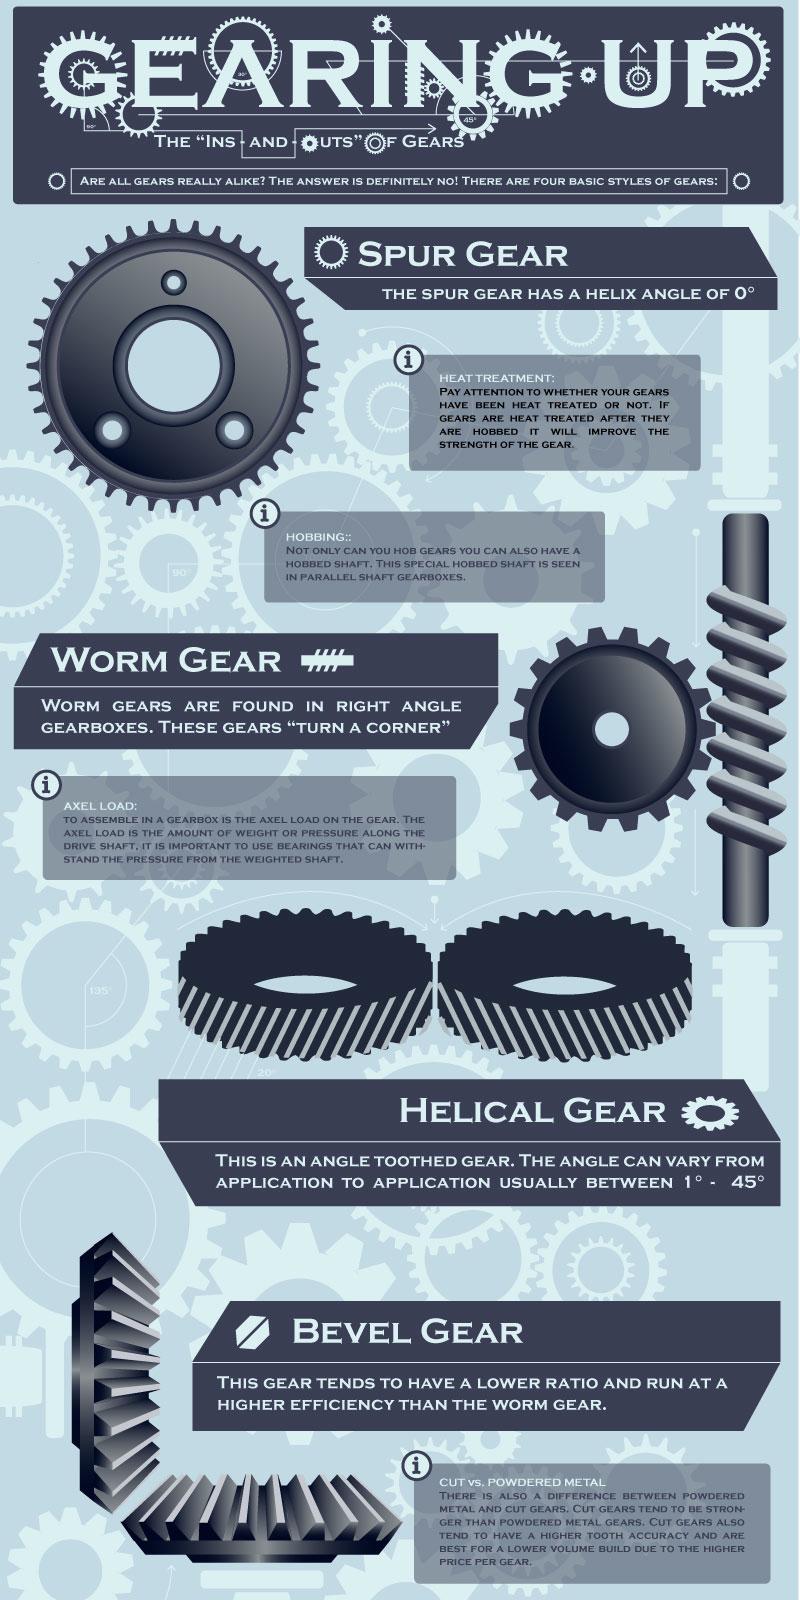 4 Basic Styles of Gears, Motor Tips – Blog | Groschopp